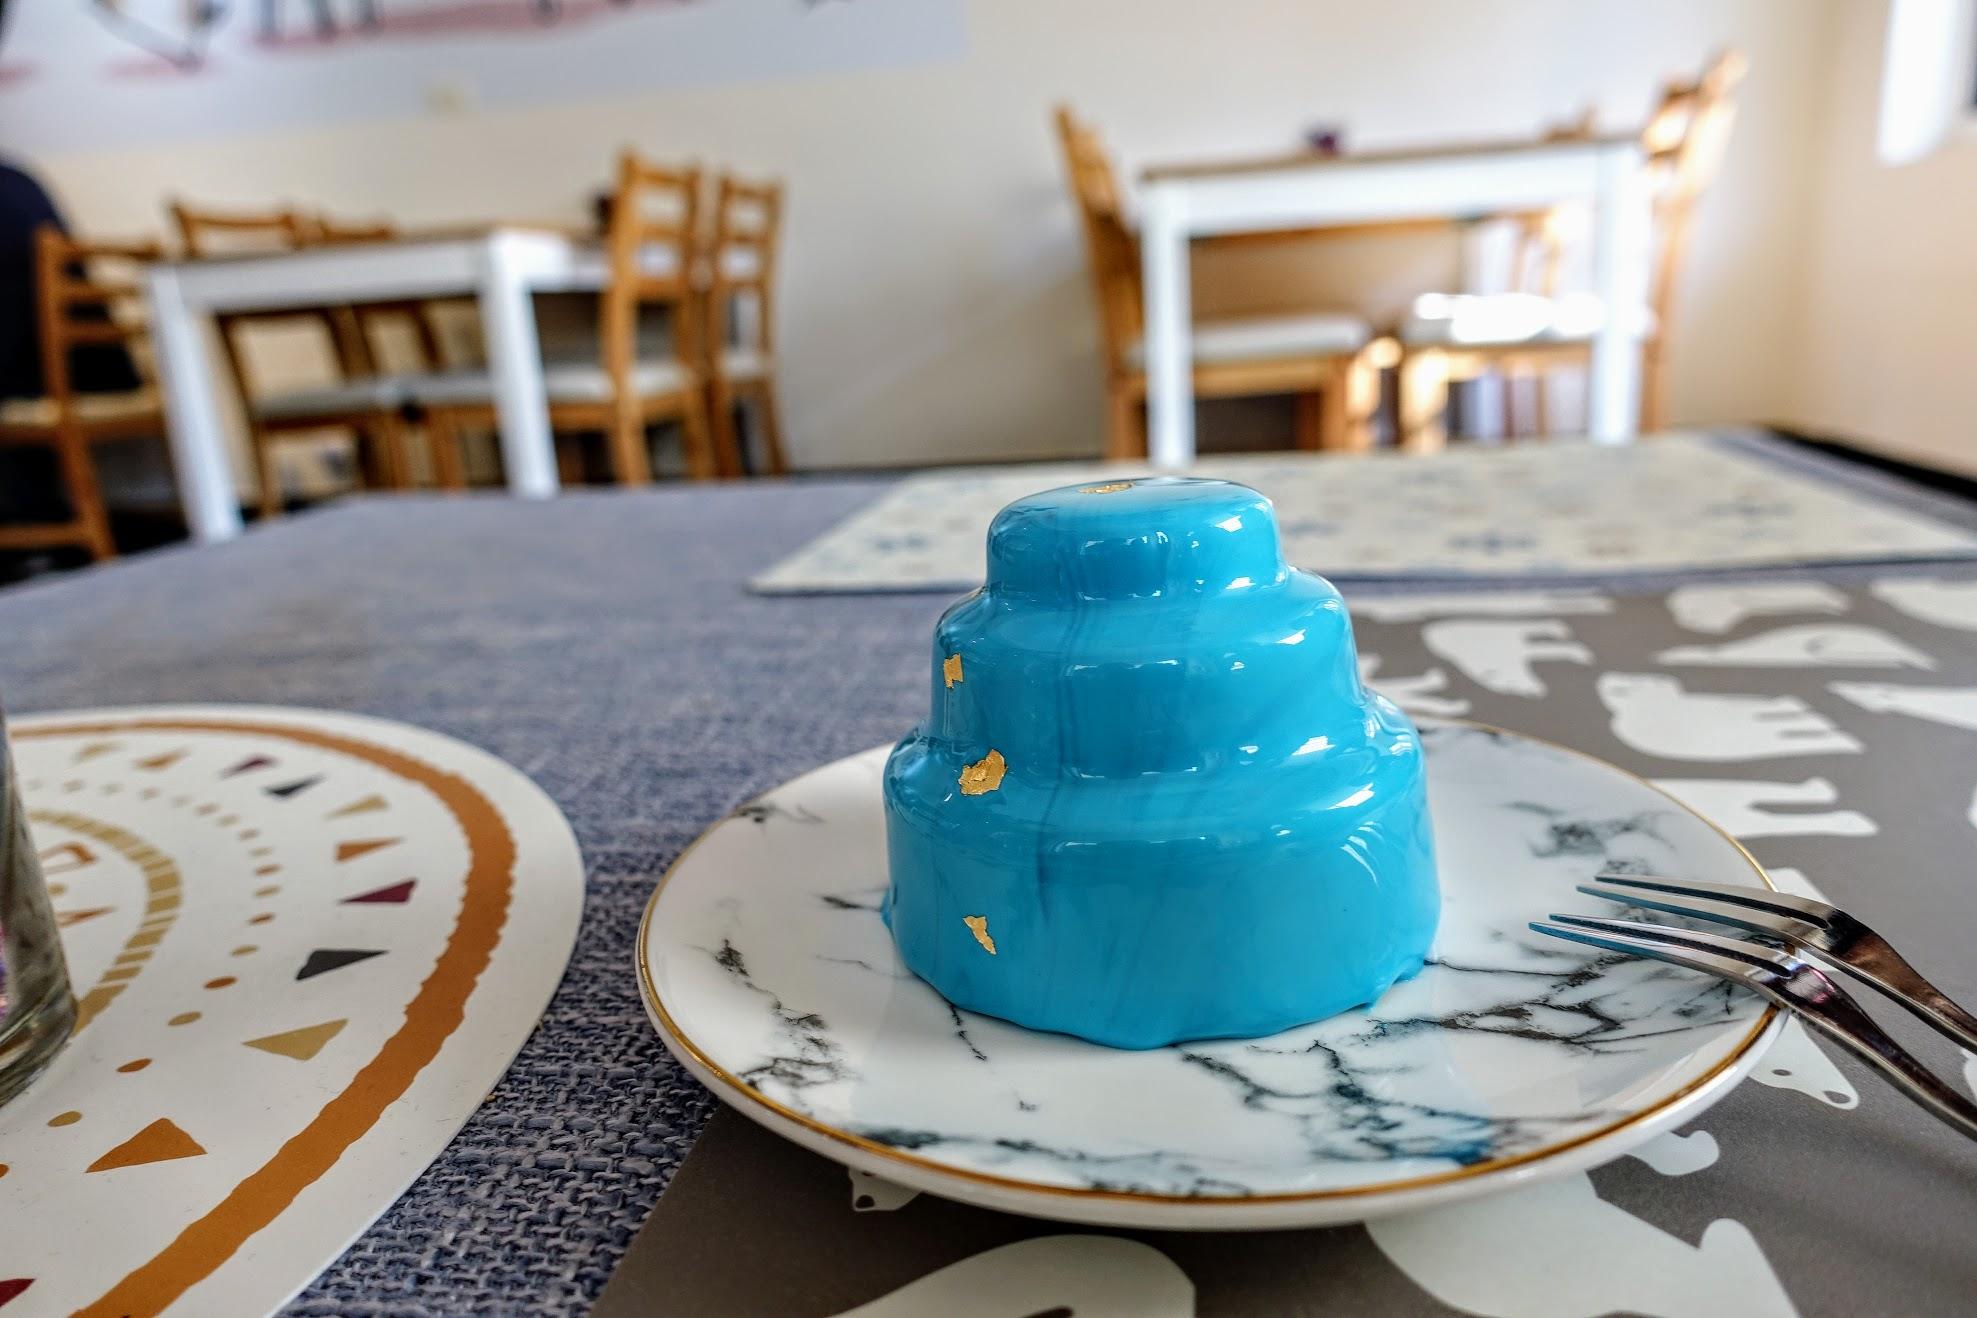 三層塔型蛋糕! 一樣也是個漂亮的小物! 呈現tiffany藍的色調,上頭還有金箔喔